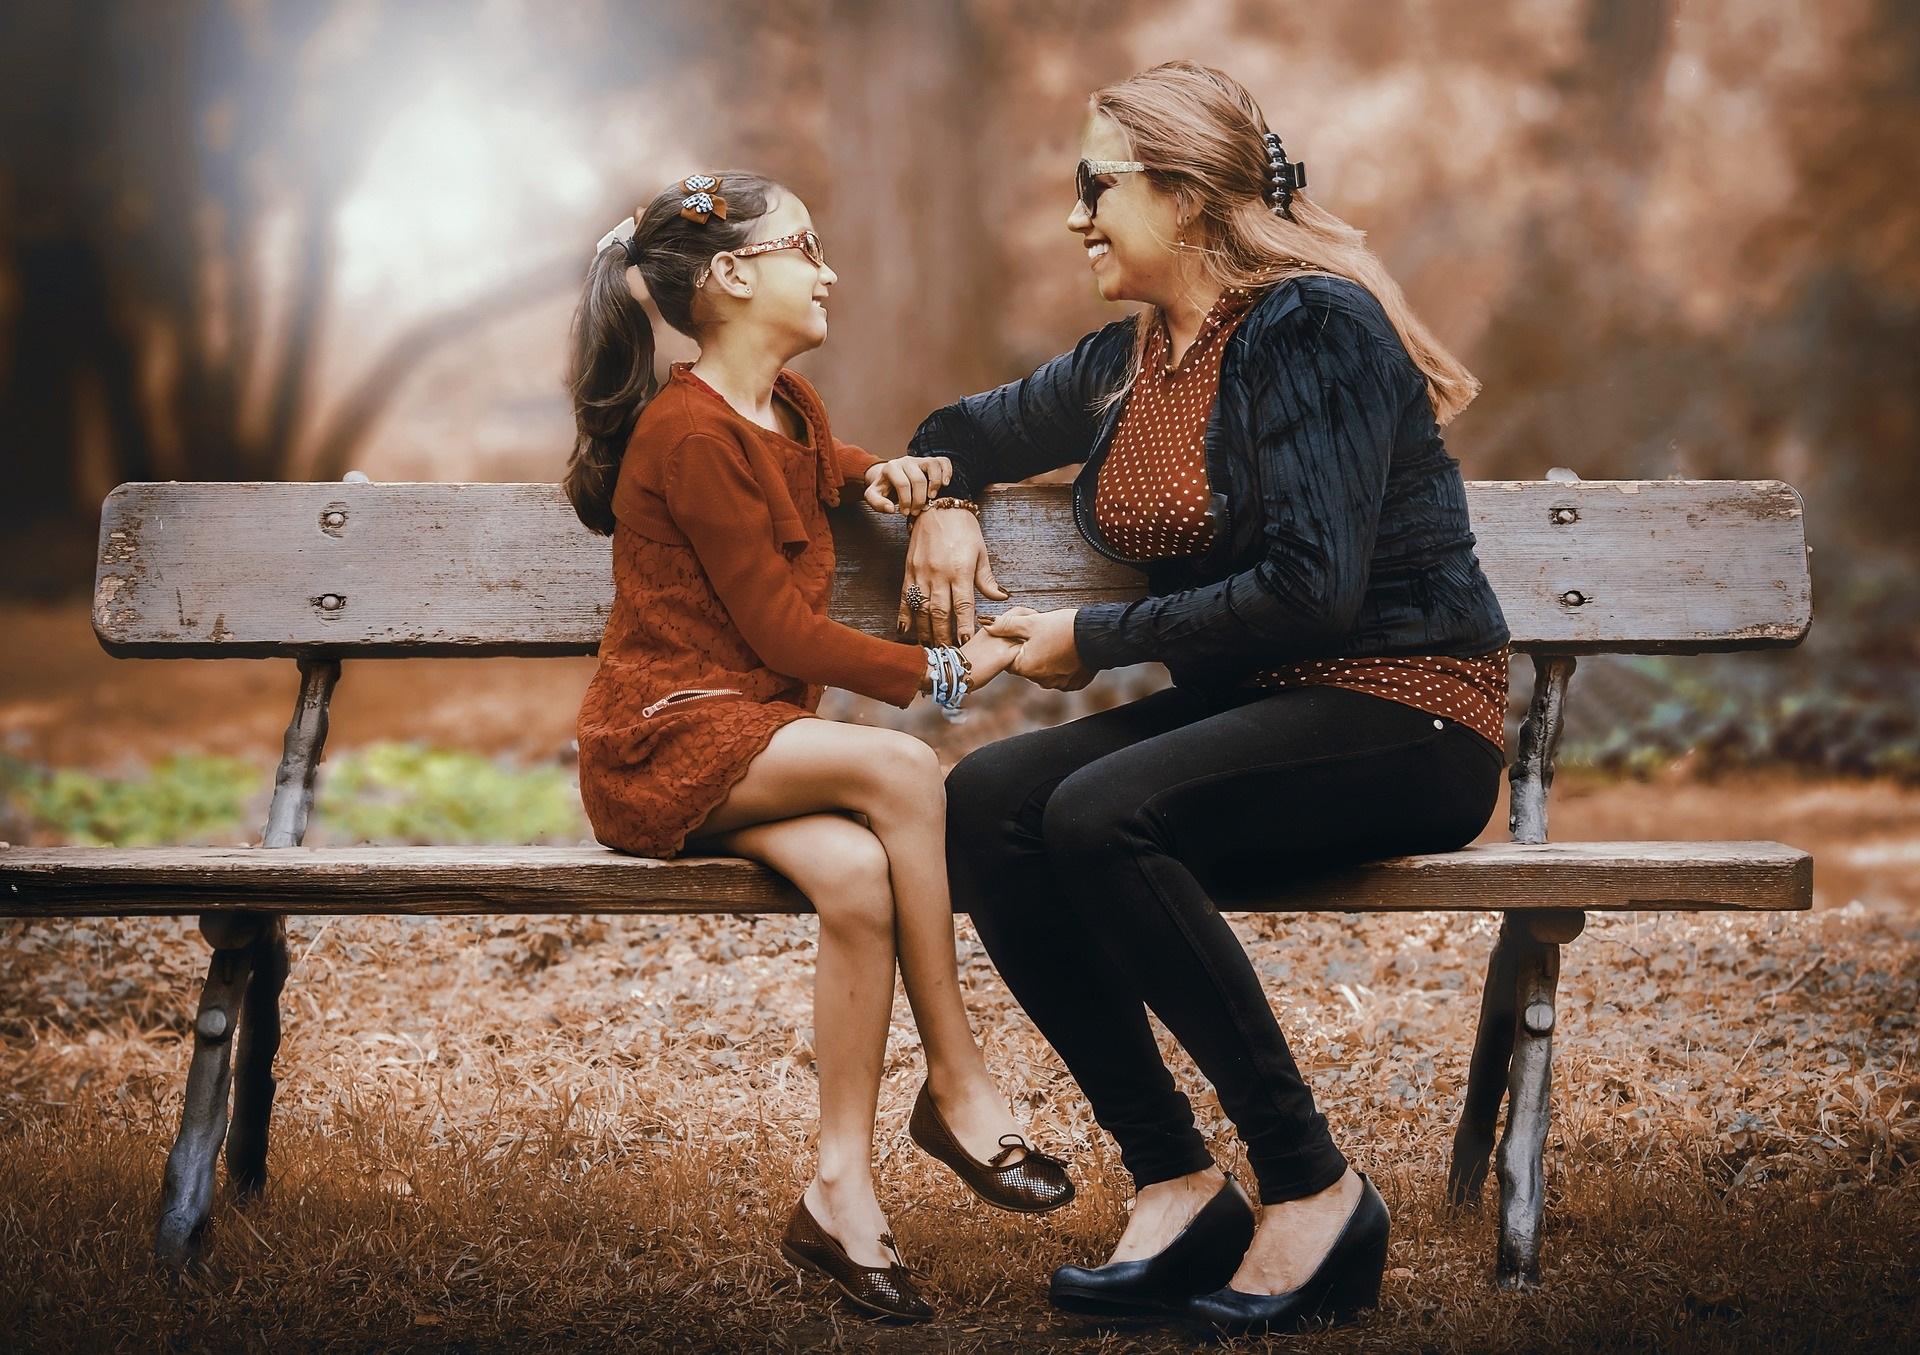 Moeder geeft dochter leuke tijd